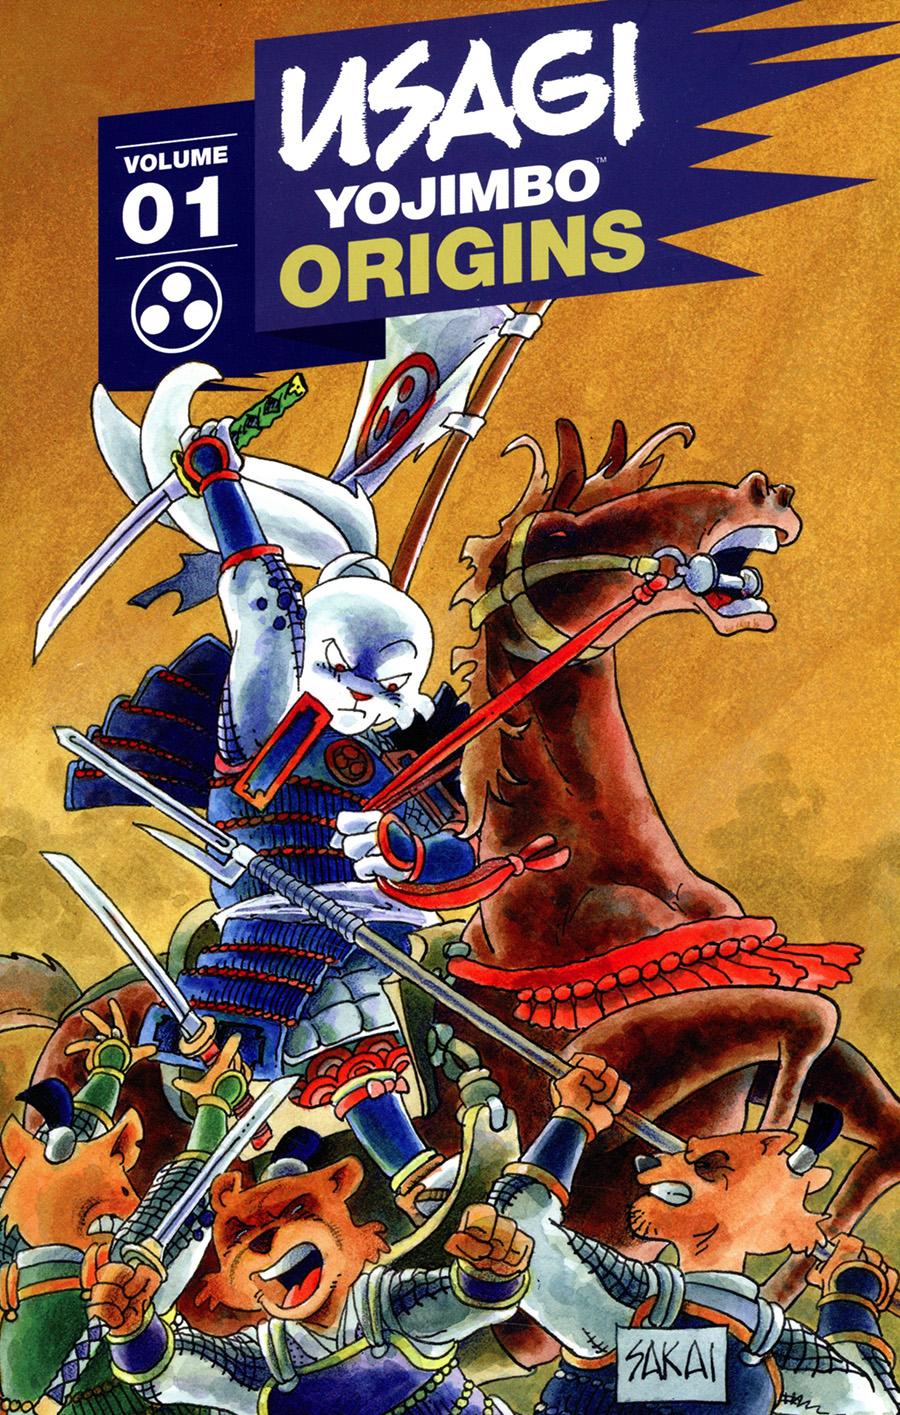 Usagi Yojimbo Origins Vol 1 Samurai TP